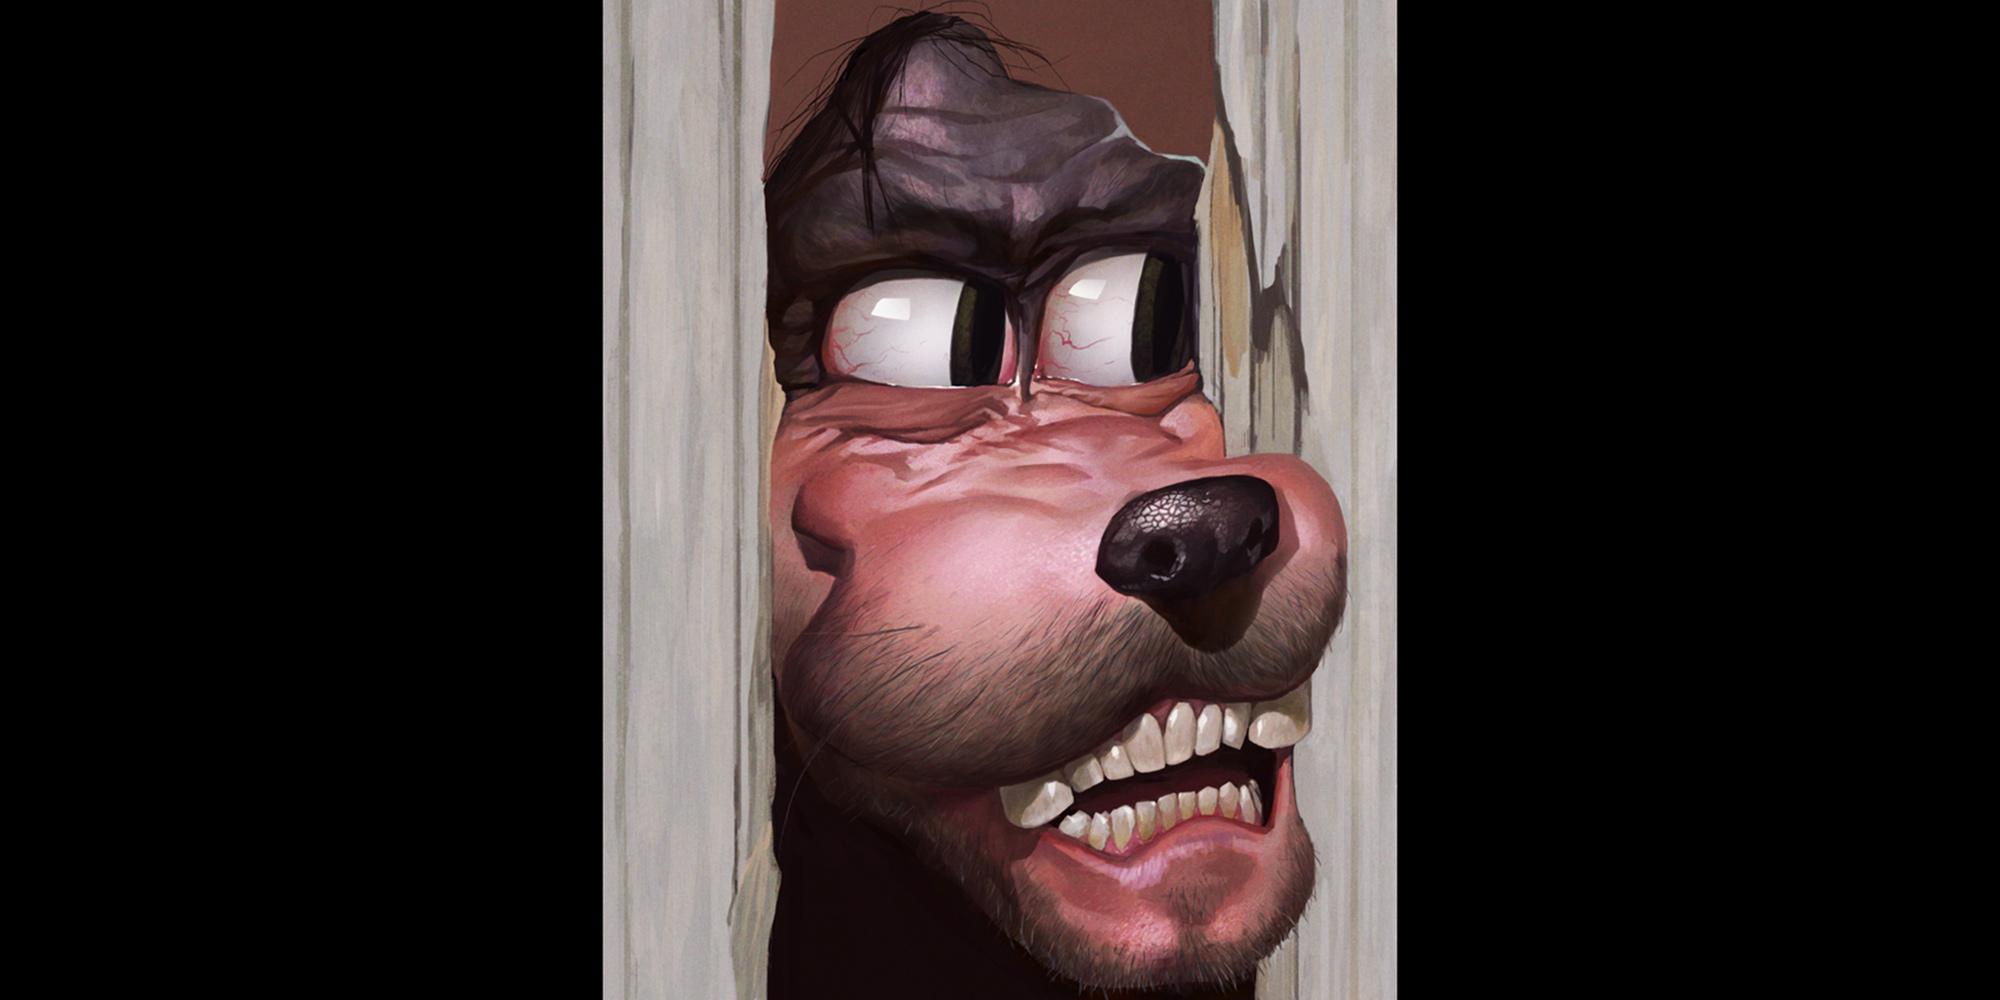 Heeeres Goofy Disney Disturbing Fanart